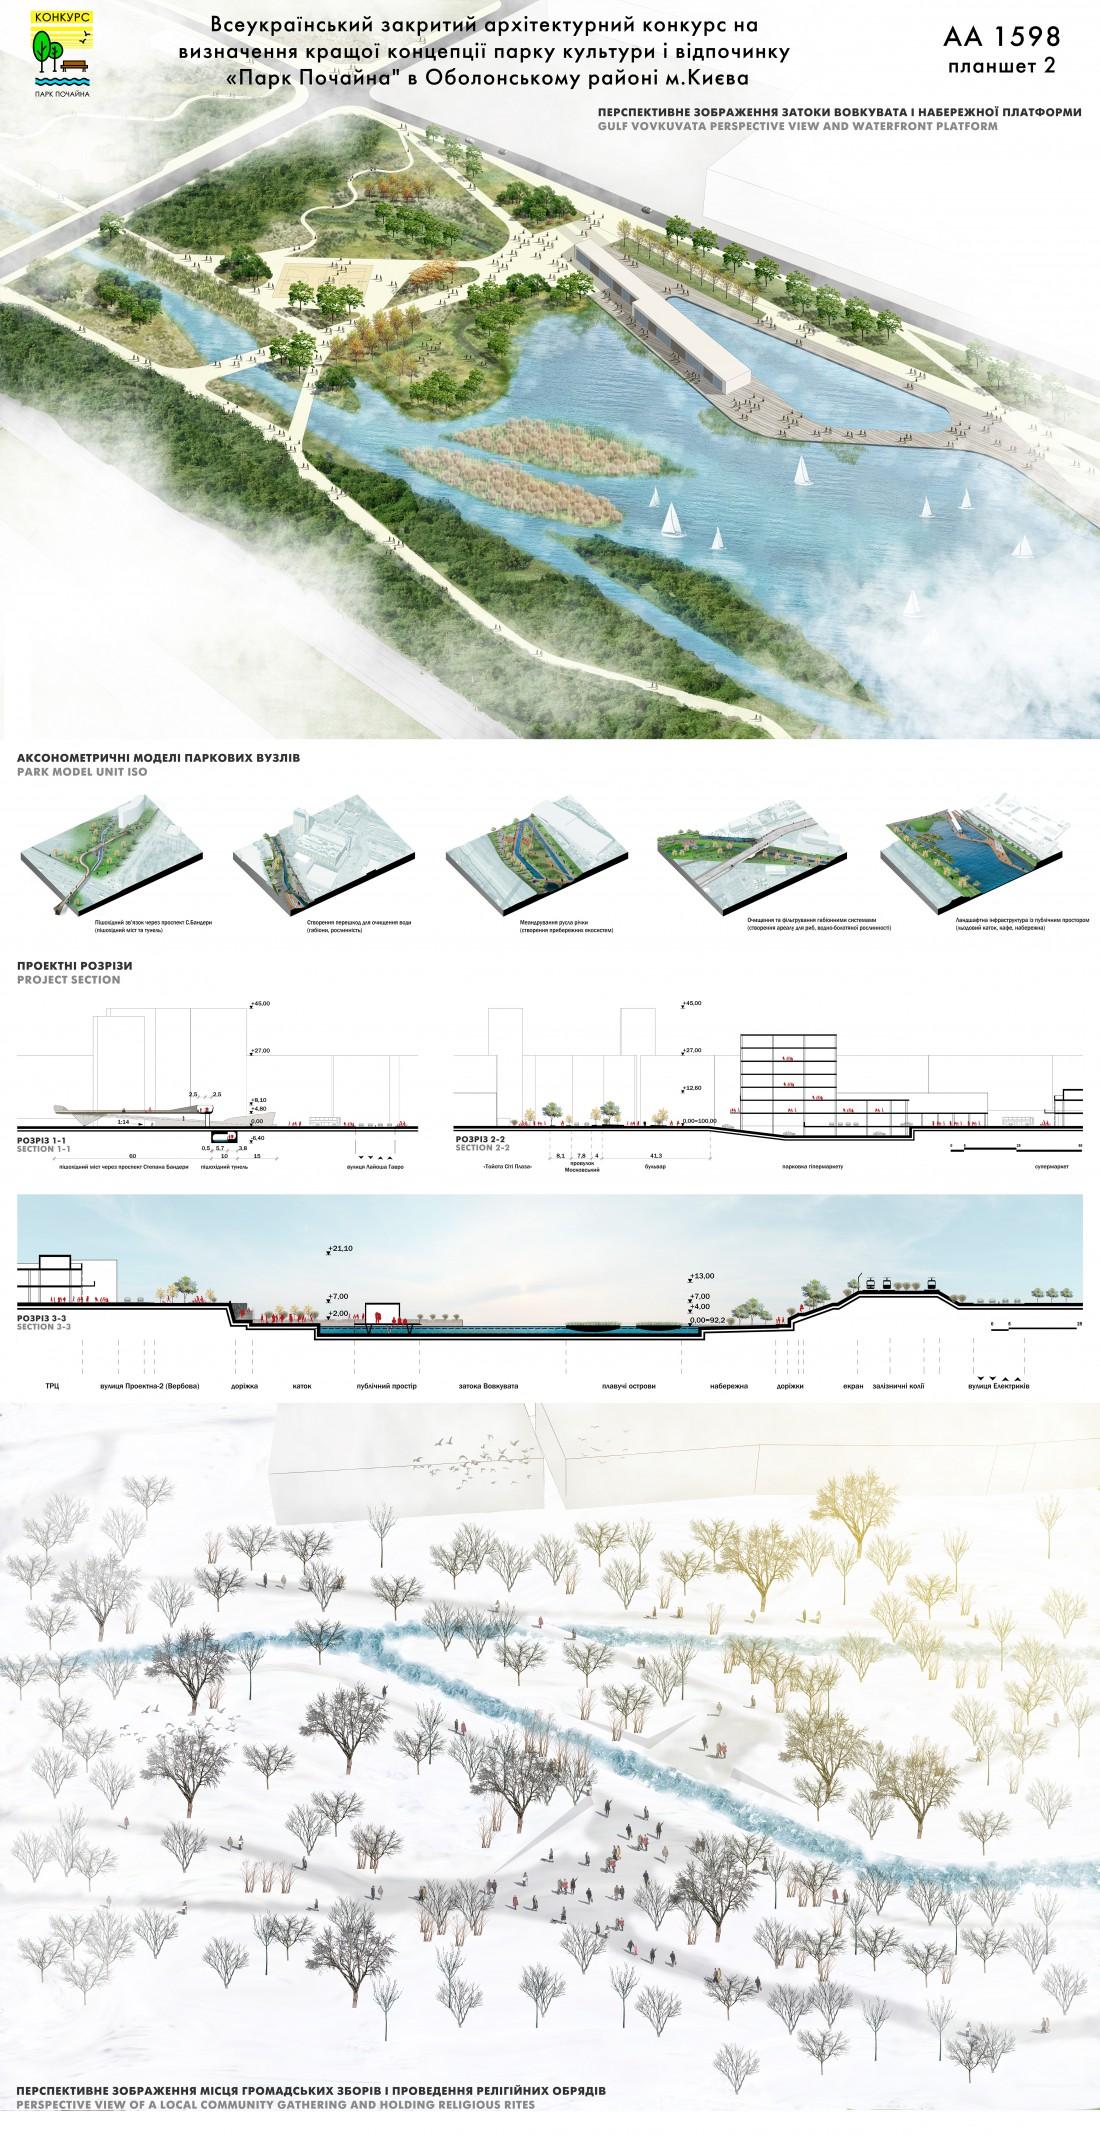 . В проекте определены элементы ревитализации реки, уделено внимание в эксплуатации парка в разное время года